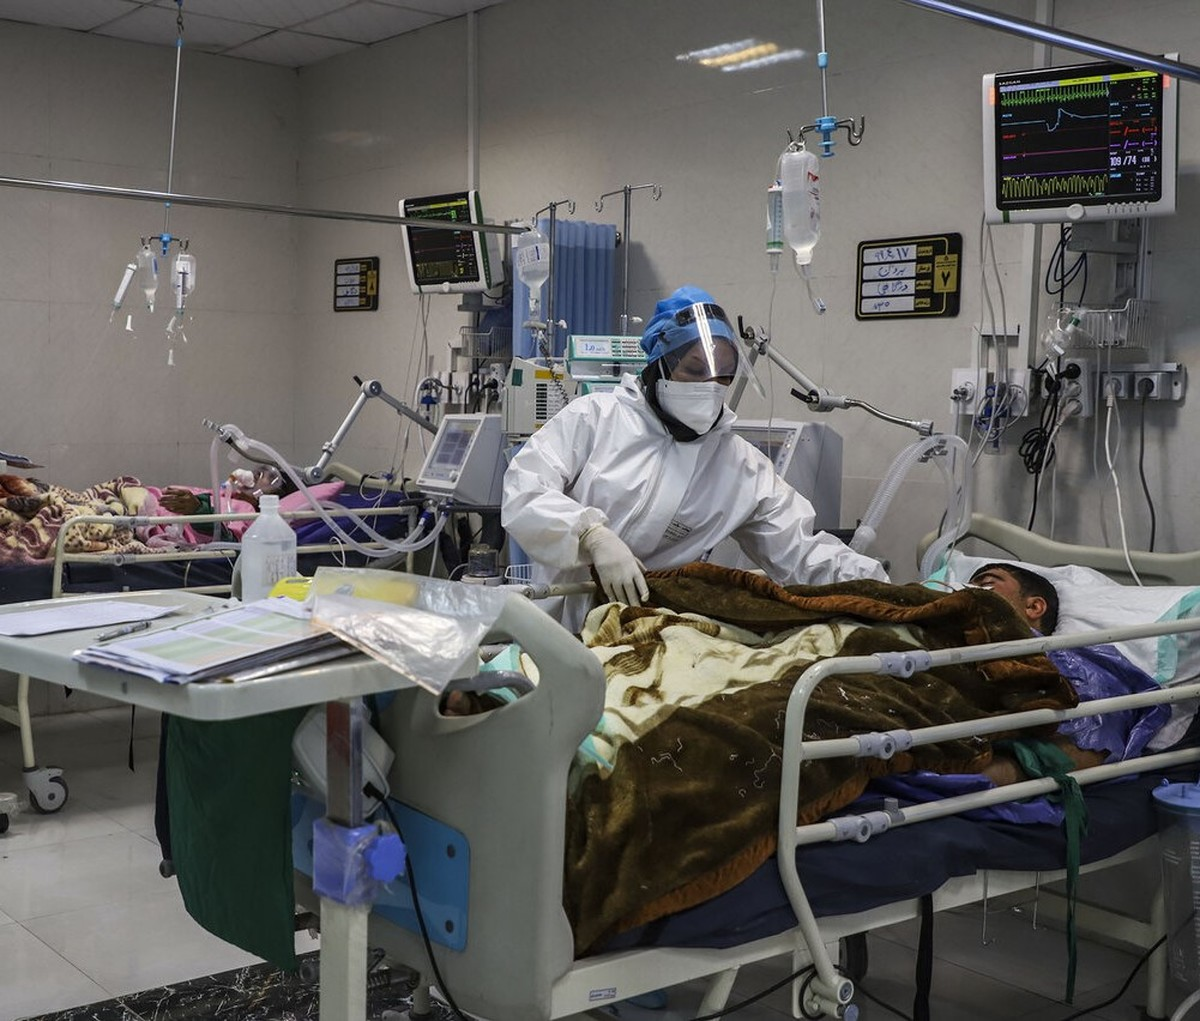 ورود مازندران به موج پنجم کرونا با ویروس هندی و آفریقایی